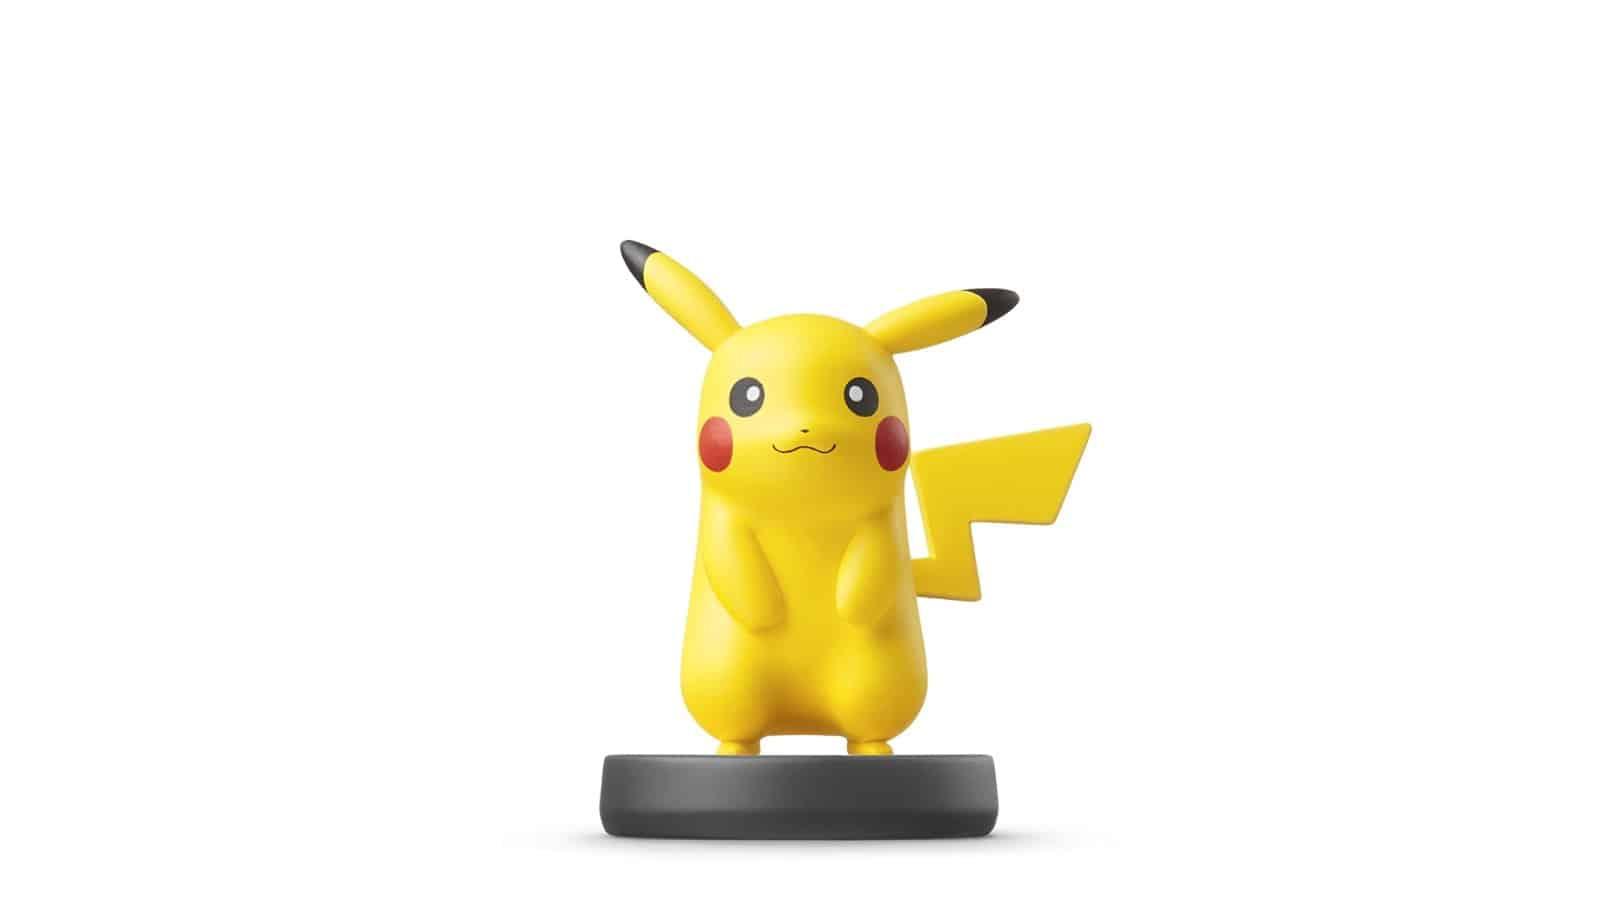 אמיבו - Pikachu (סדרת Super Smash Bros.)